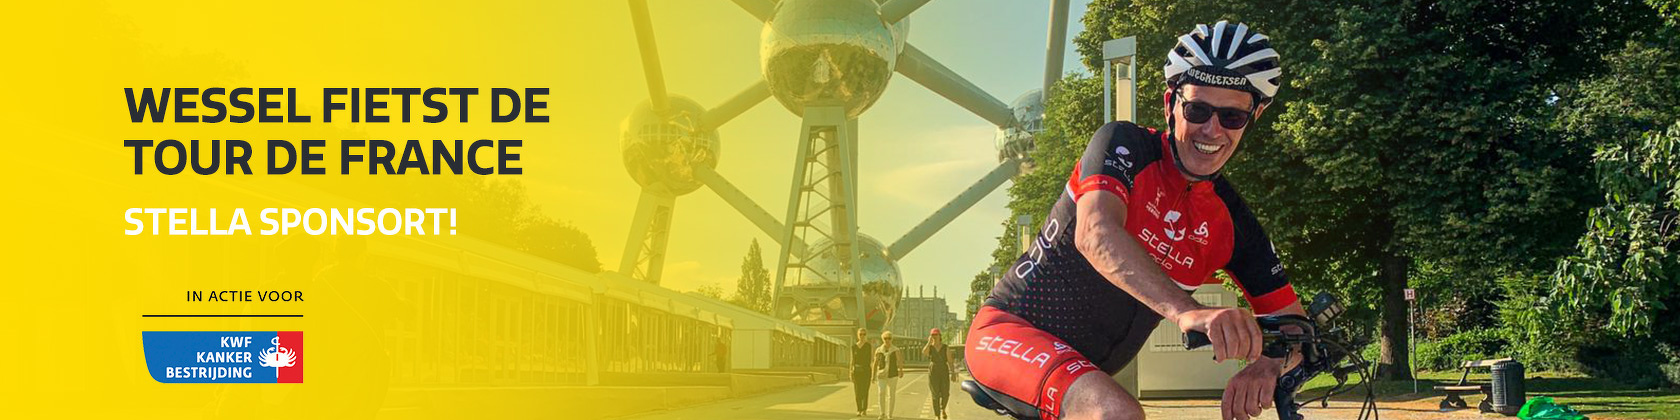 Wessel fietst de Tour de France